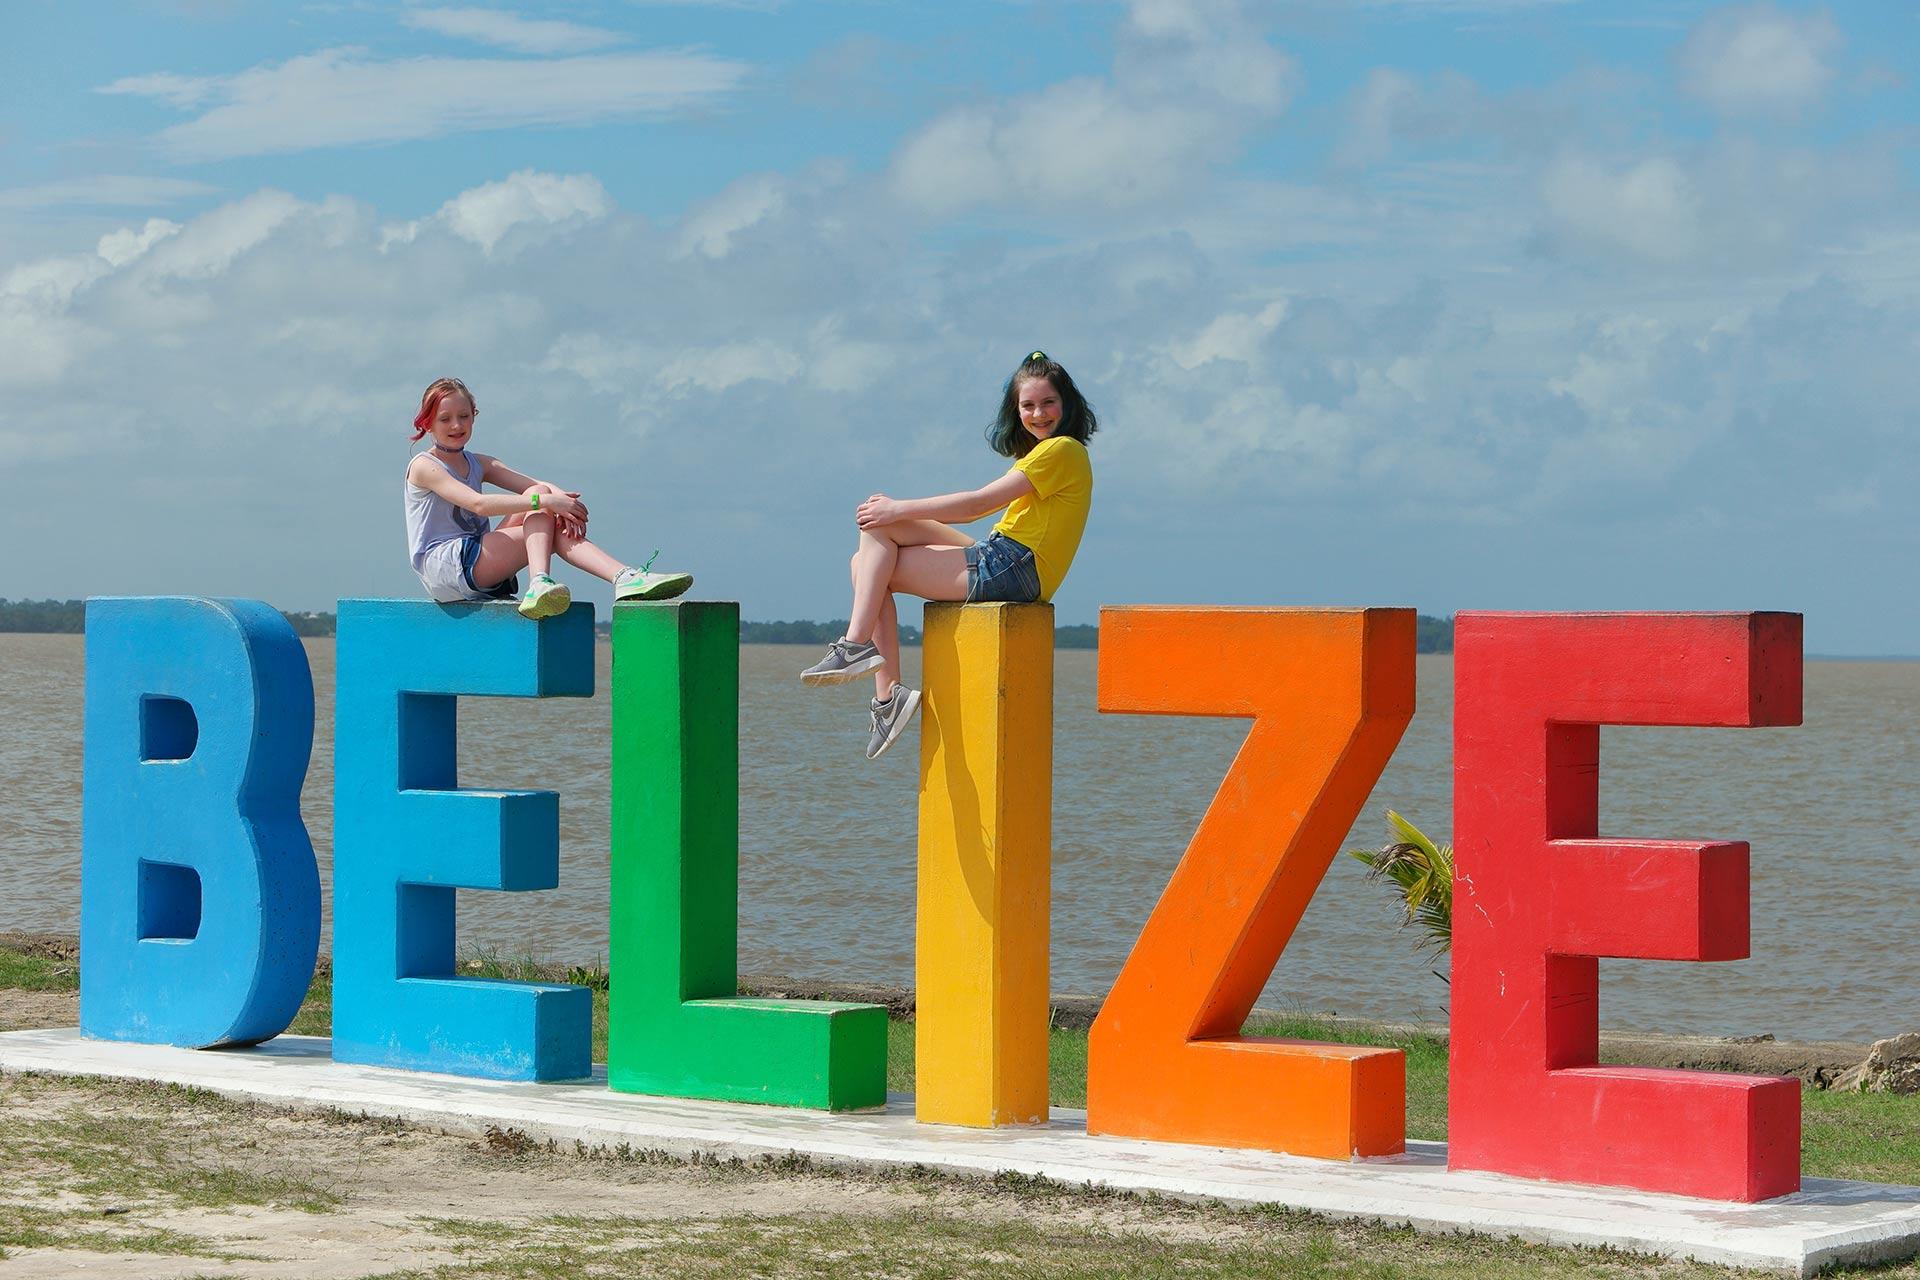 Belize; Photo Courtesy of Jeff Bogle/Family Vacation Critic